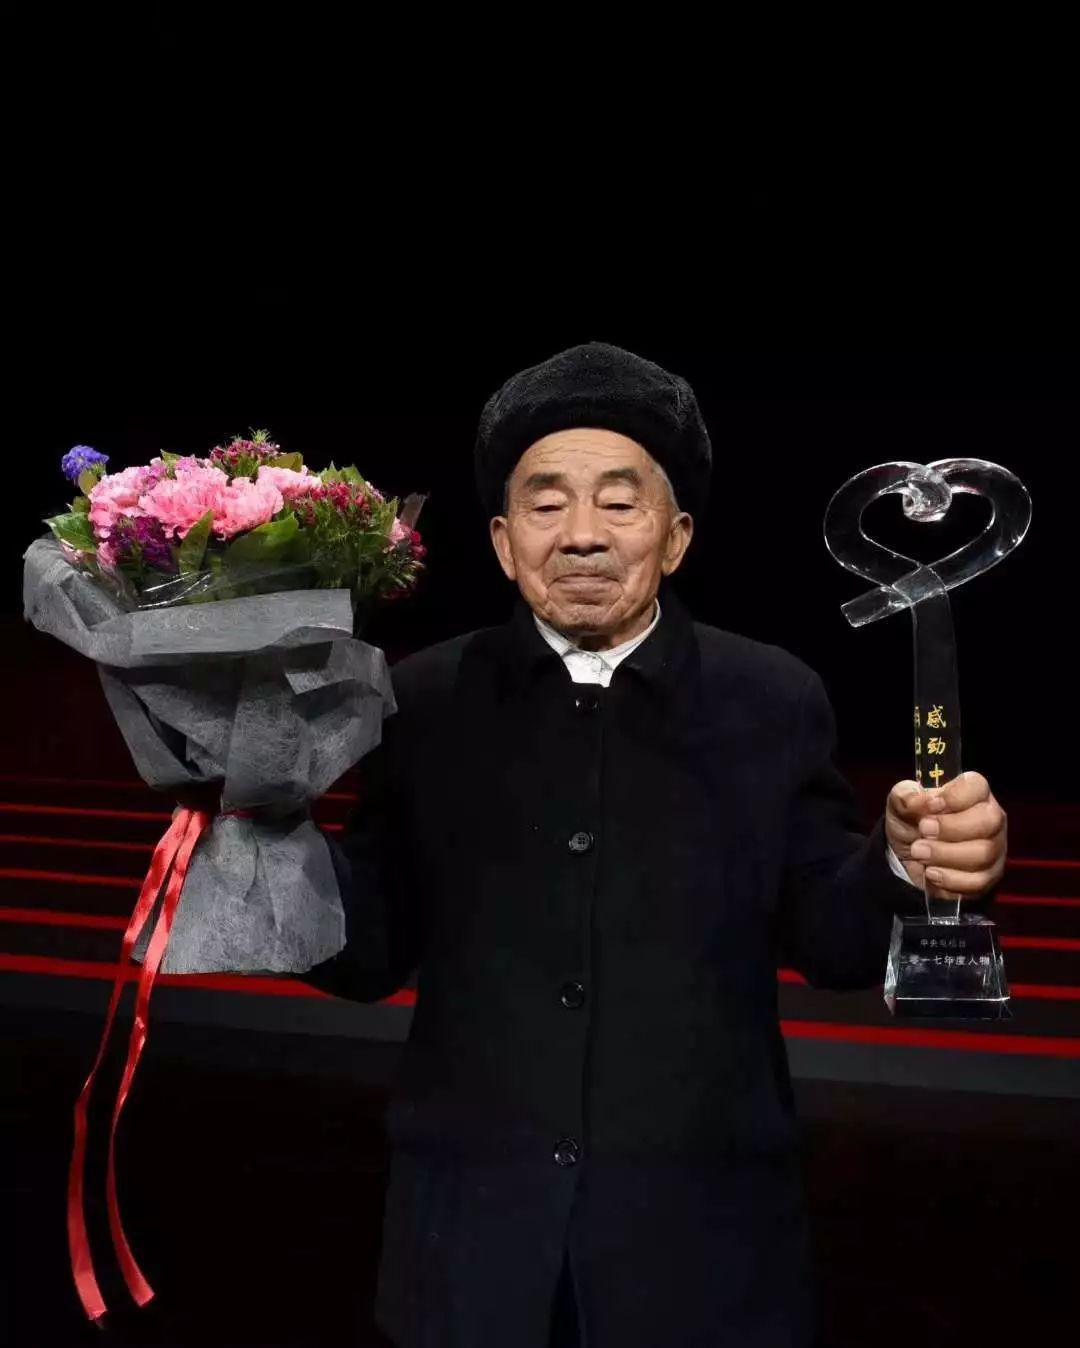 黄大发入选感动中国2017年度人物